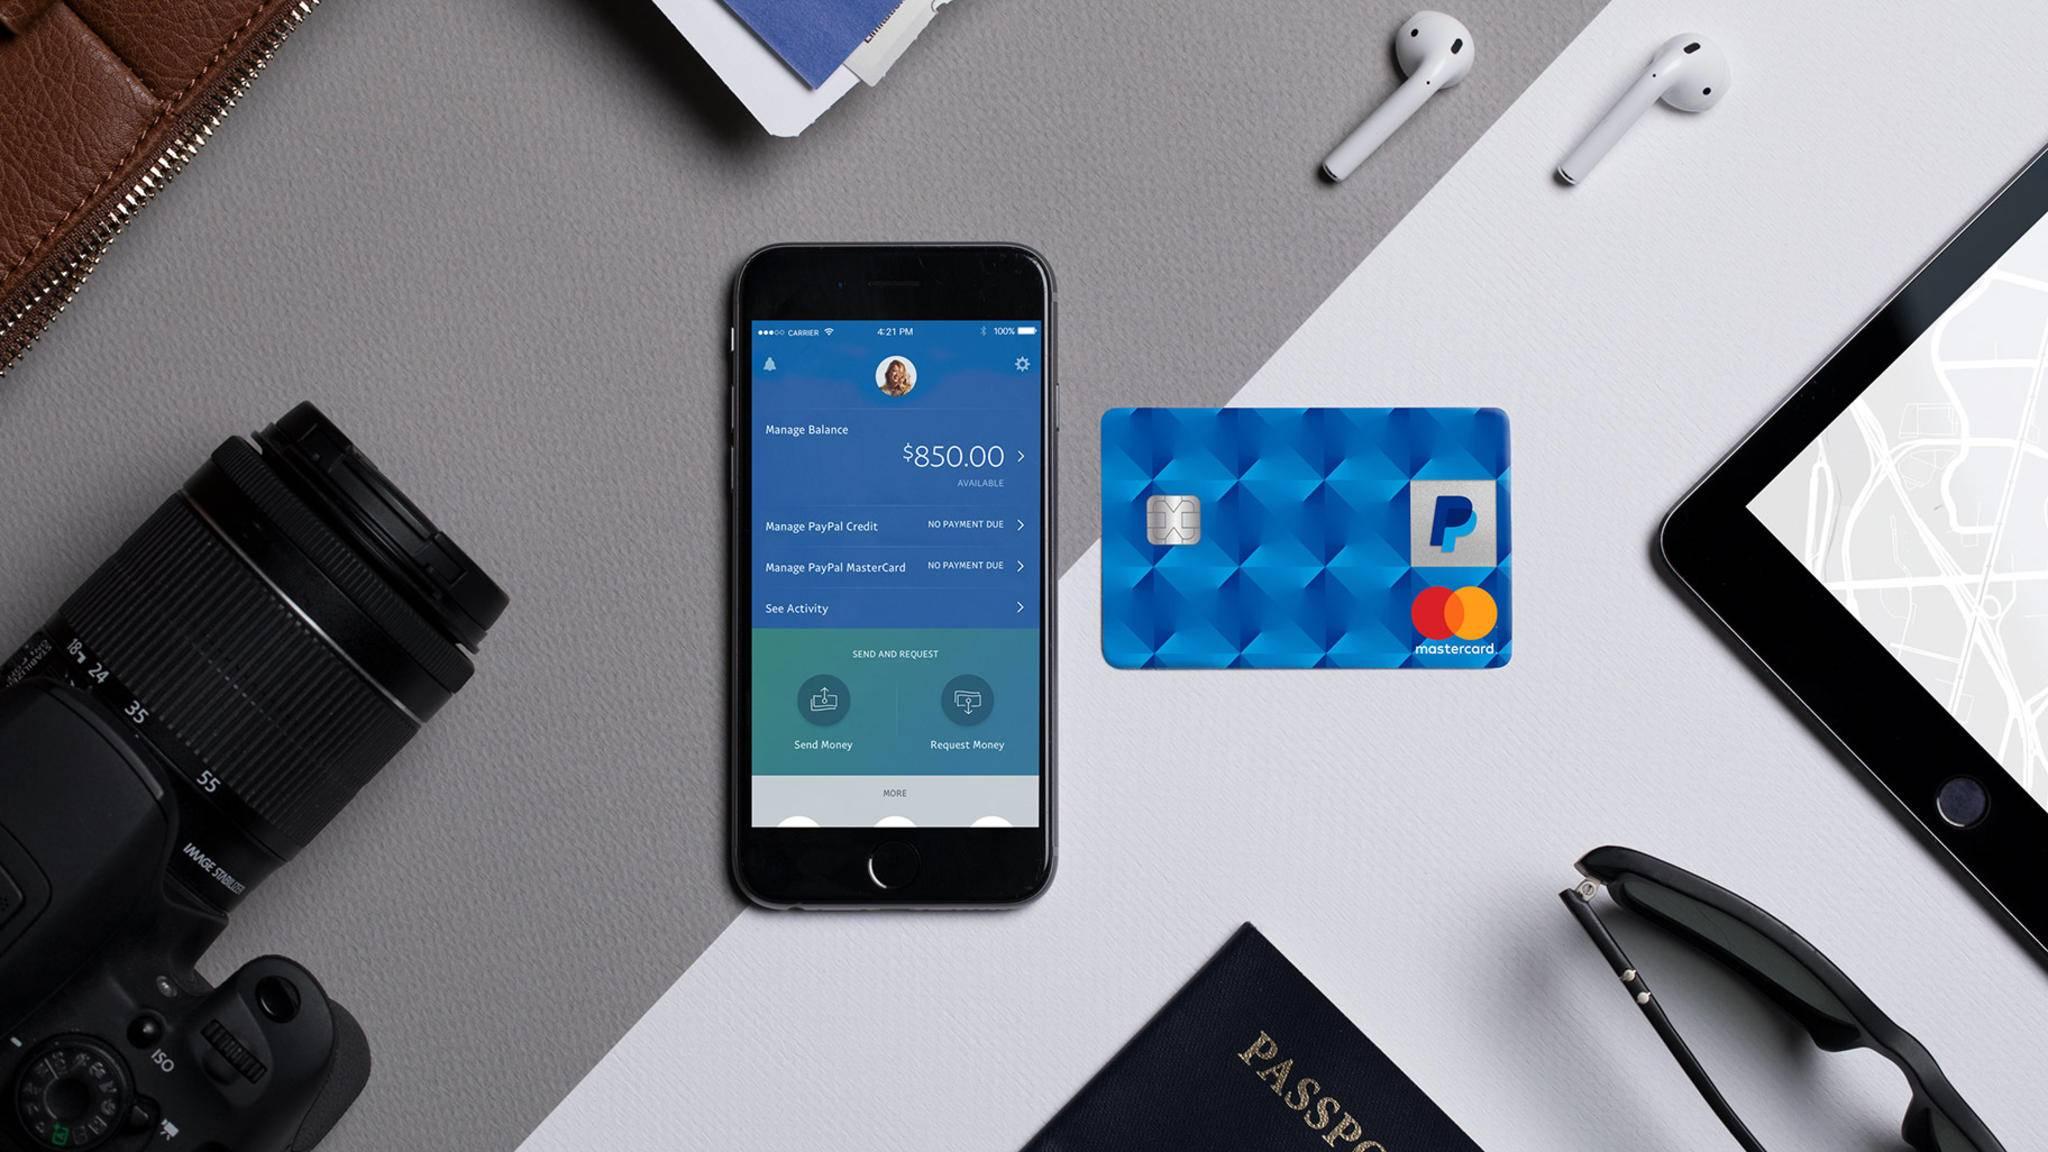 Anmeldung Paypal Kostenlos